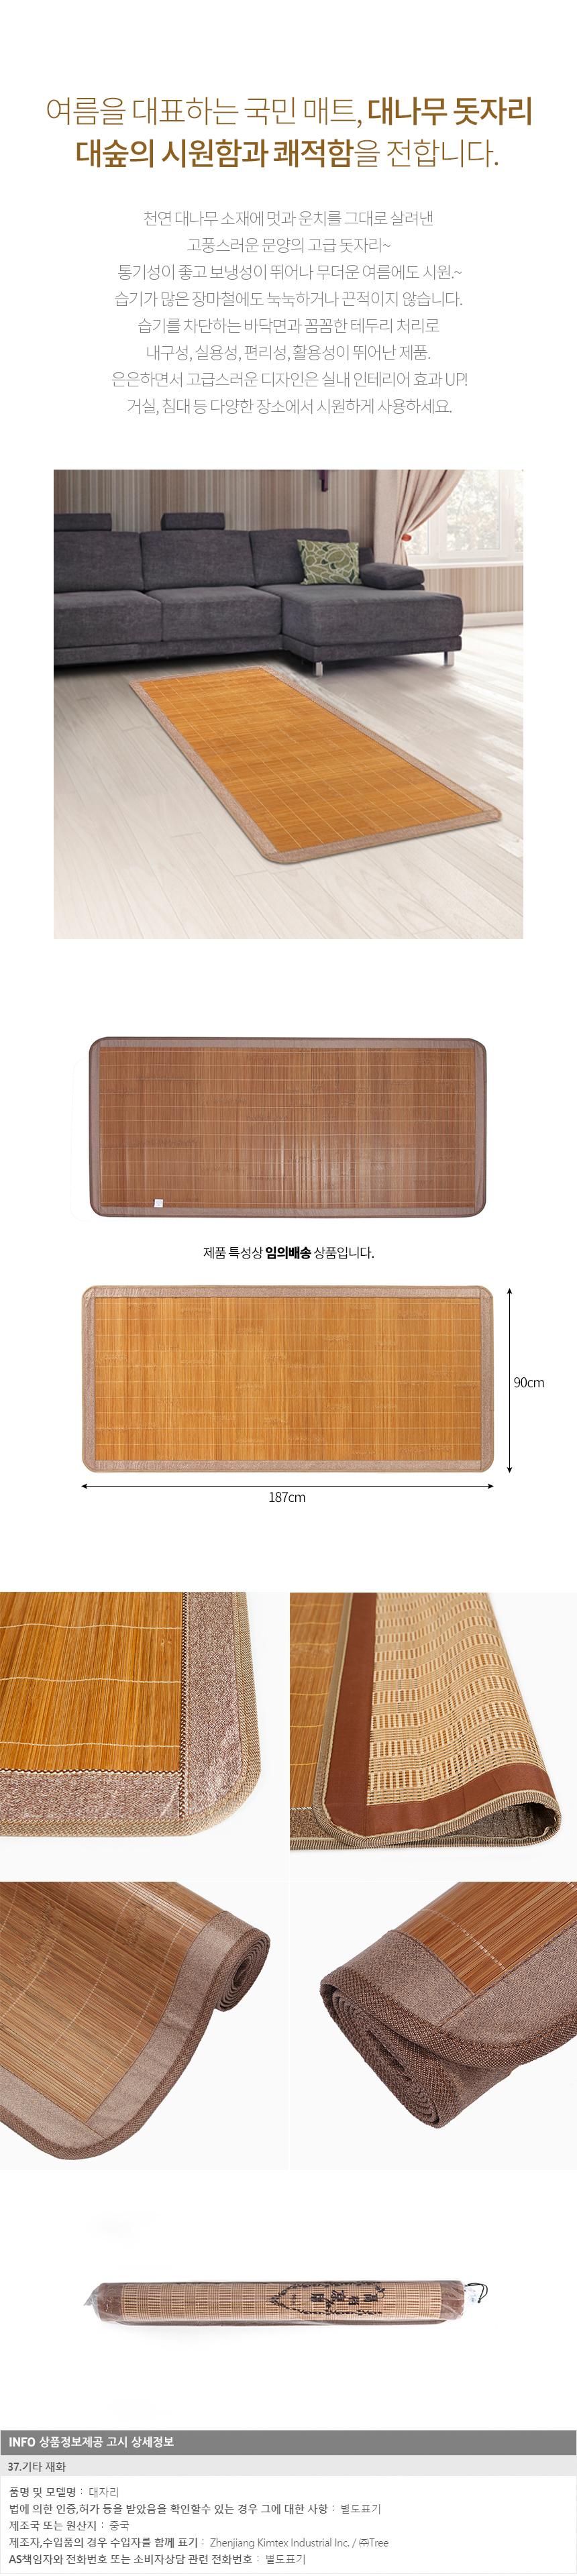 고풍 대자리(187×90)/거실 대나무자리 대나무돗자리 - 기프트갓, 32,950원, 여름용매트, 대자리/여름자리